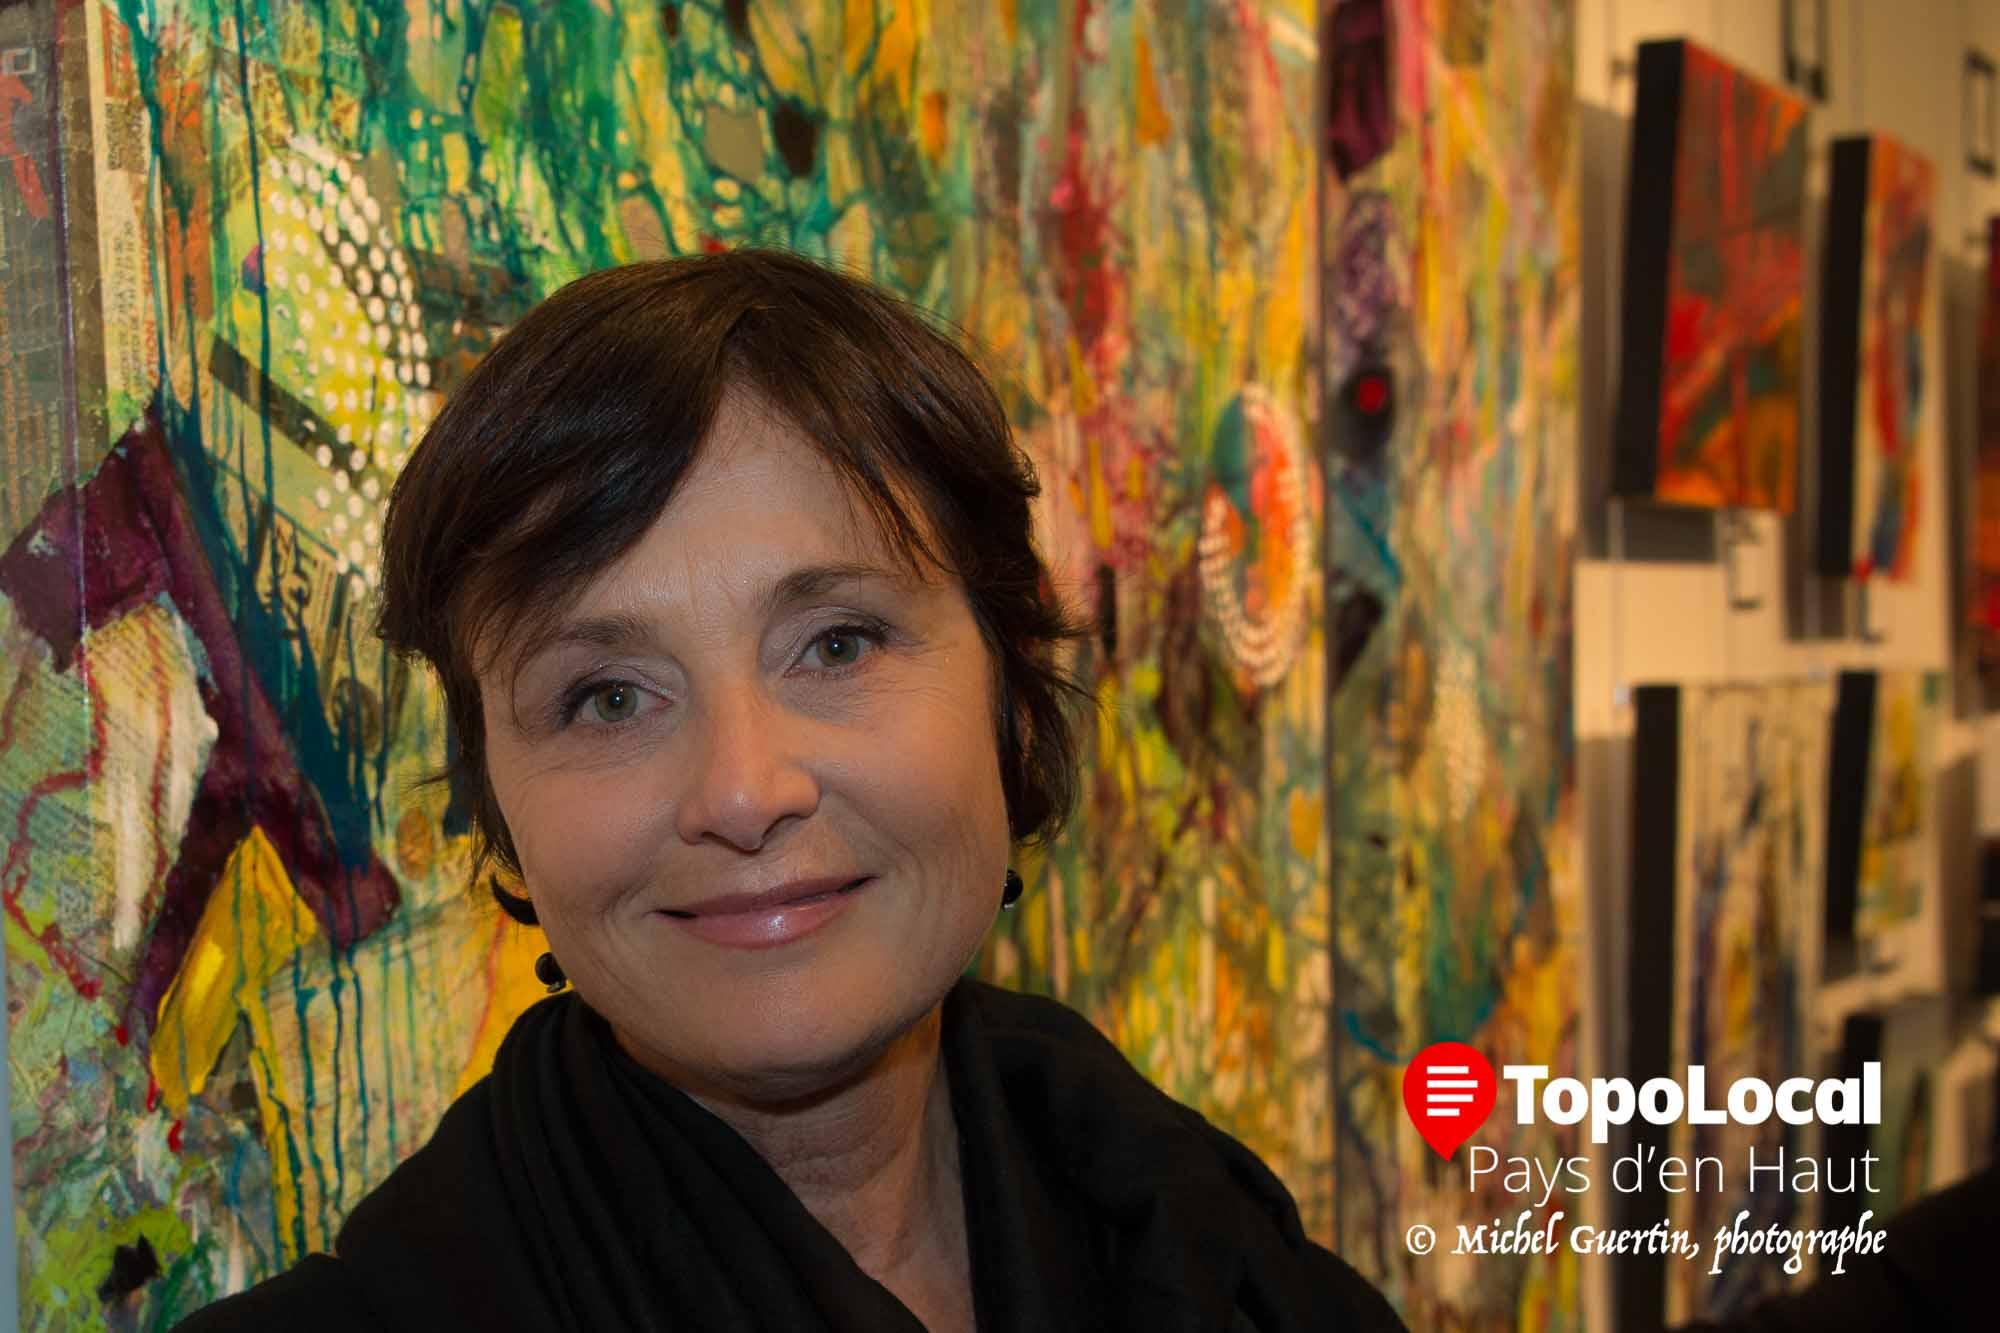 La présidente du comité d'honneur Sylvie Talbot, directrice des communications chez Hybride, est très satisfaite de la qualité des oeuvres de cette année.